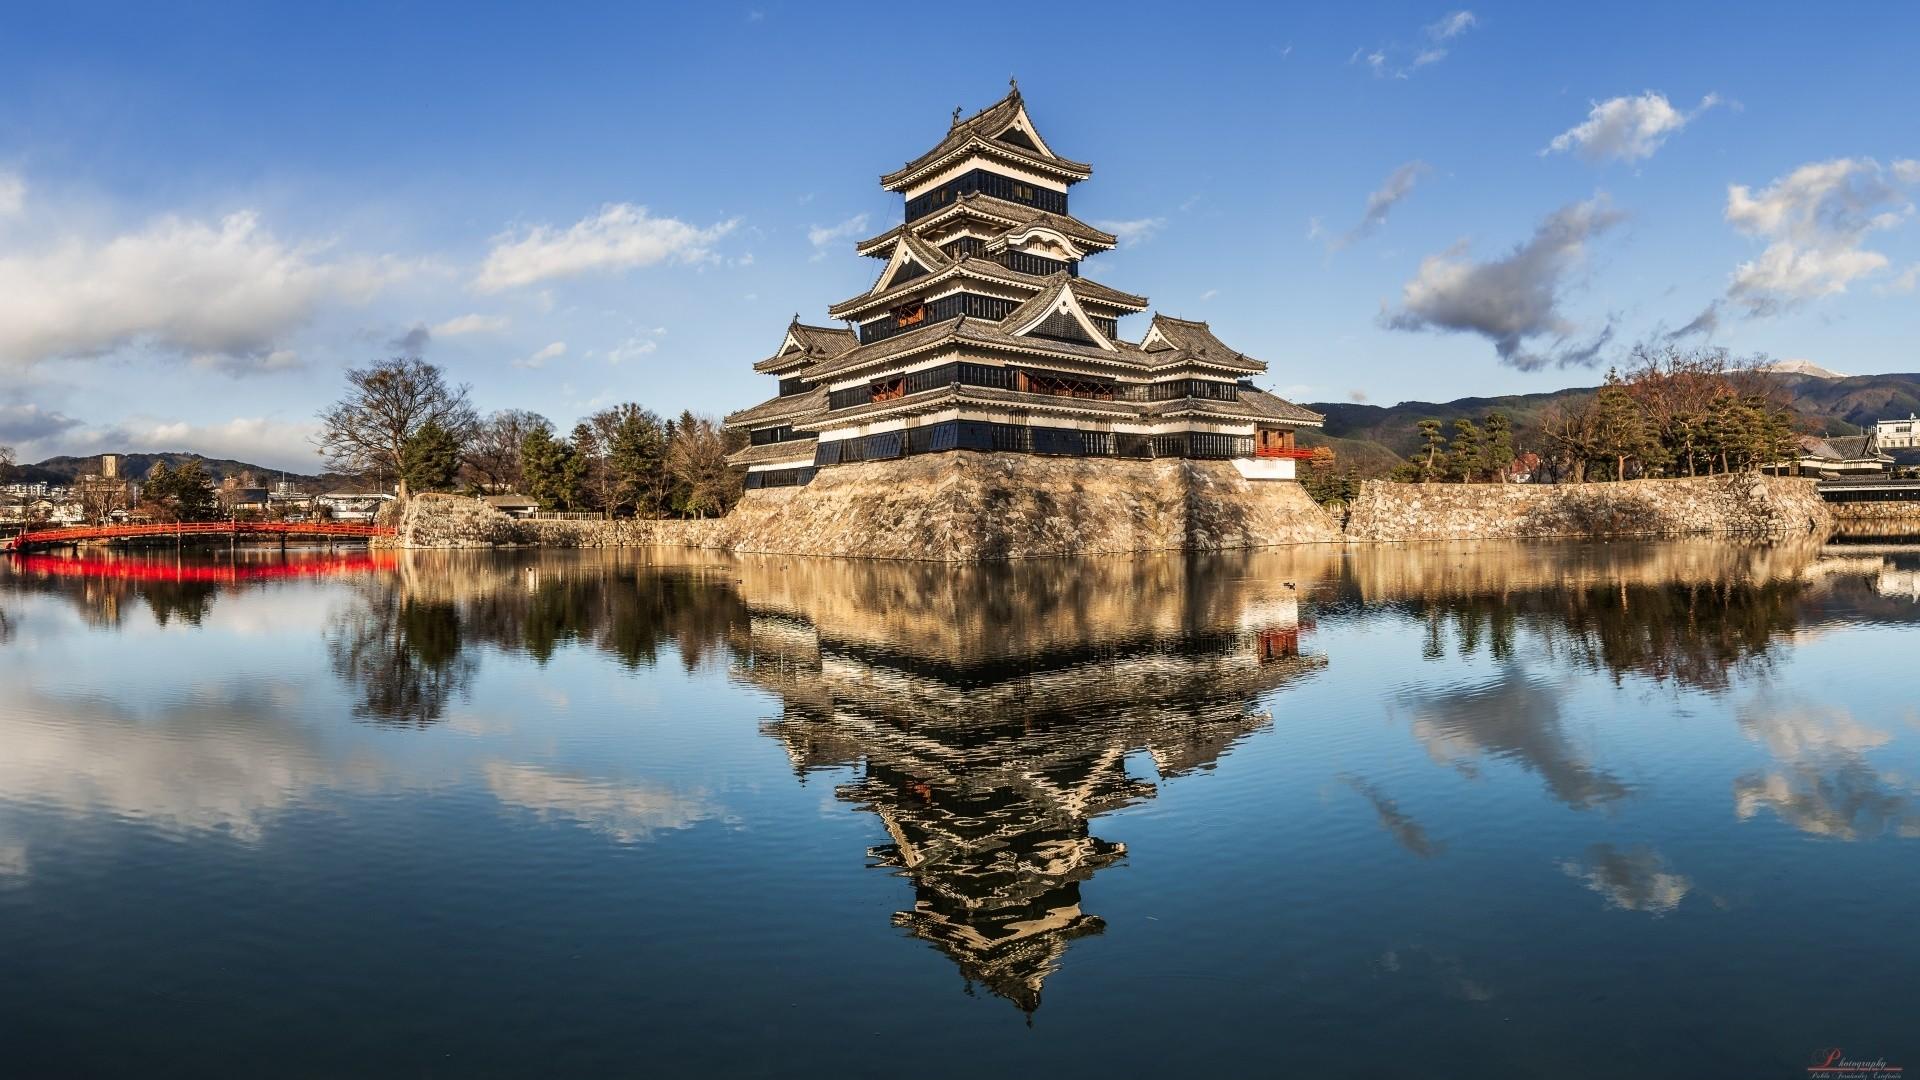 героиня, японский замок картинка как вполне